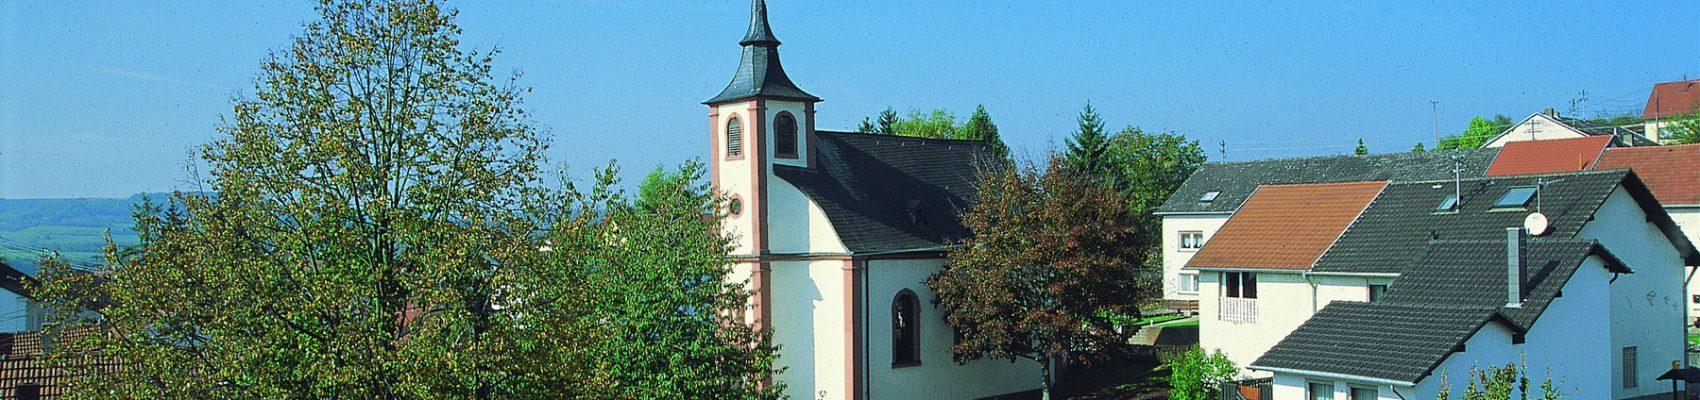 Sehenswürdigkeiten in Merzig: Kapelle Harlingen